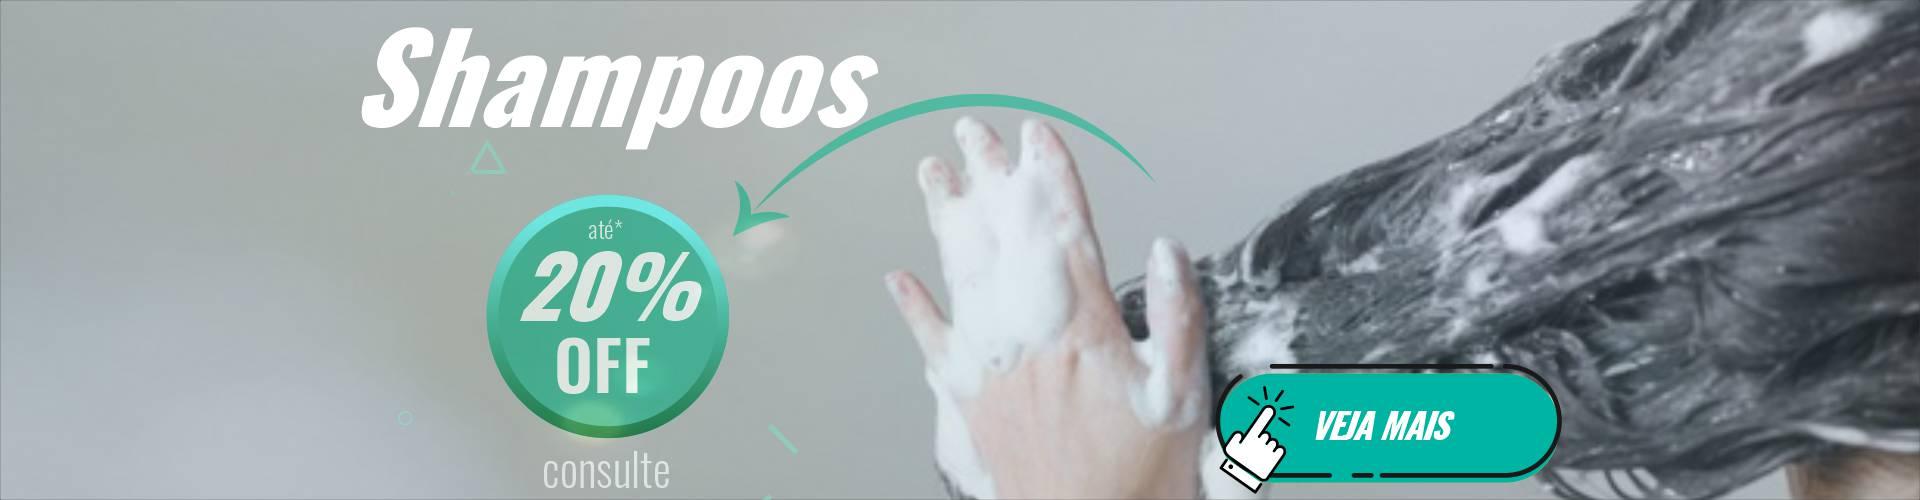 Shampoos 20%off